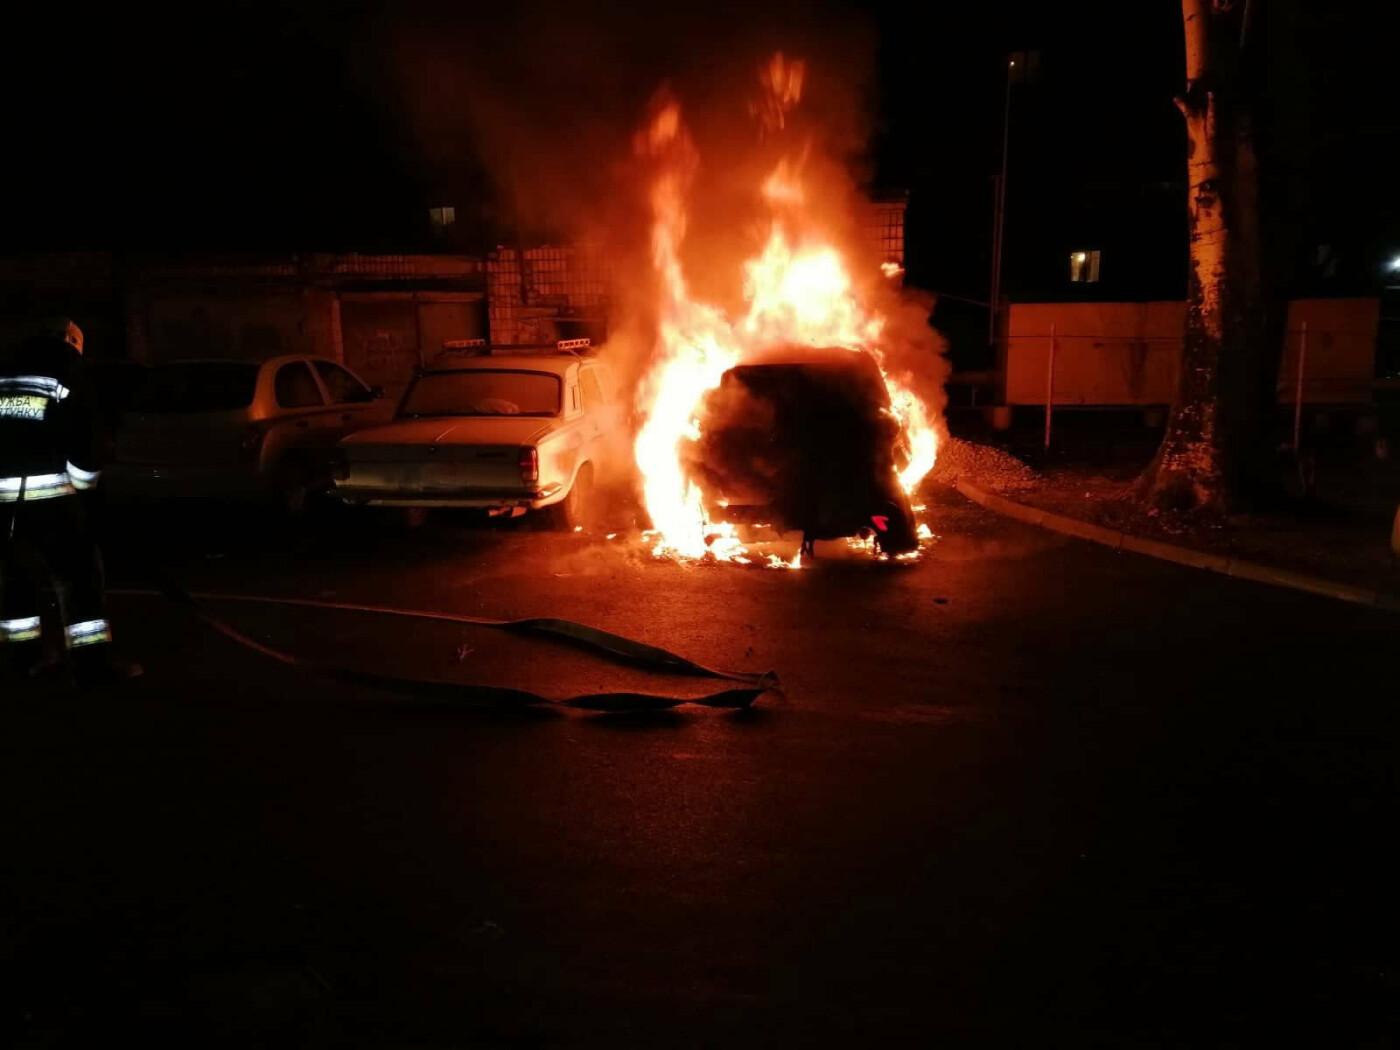 В Днепре ночью на стоянке сгорел легковой автомобиль, - ФОТО, фото-1